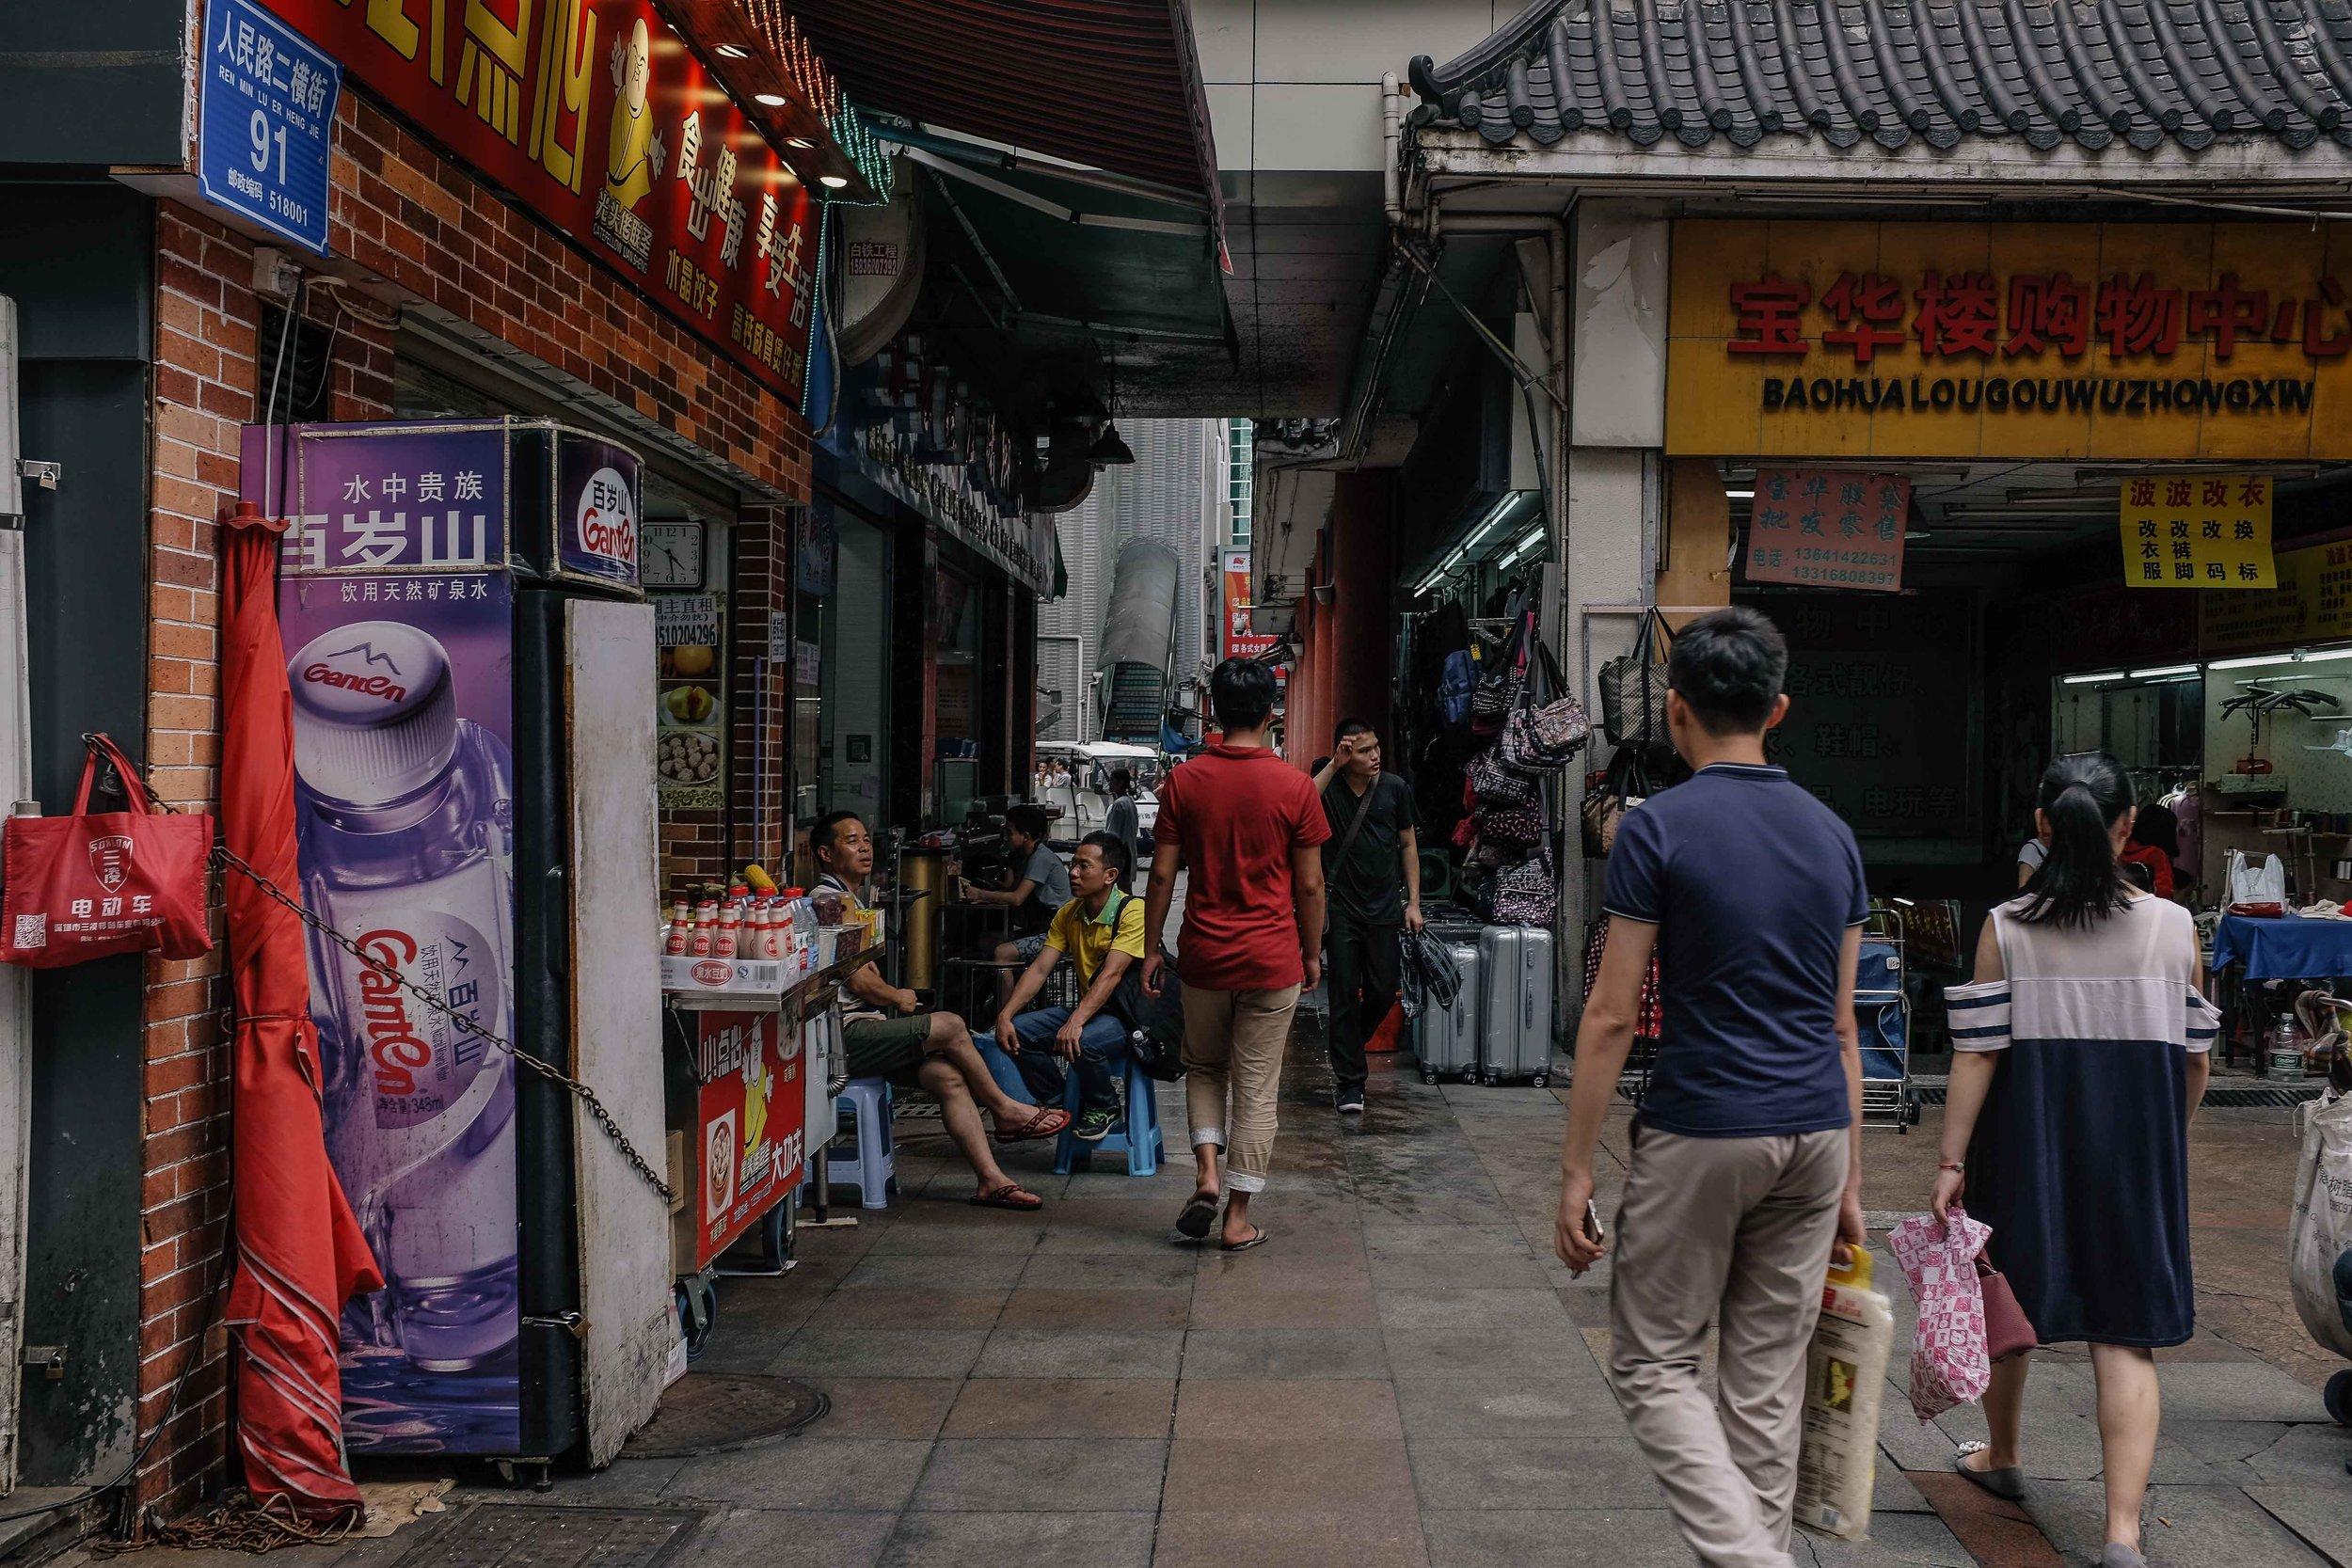 China_x100t_fujifilm_08.jpg